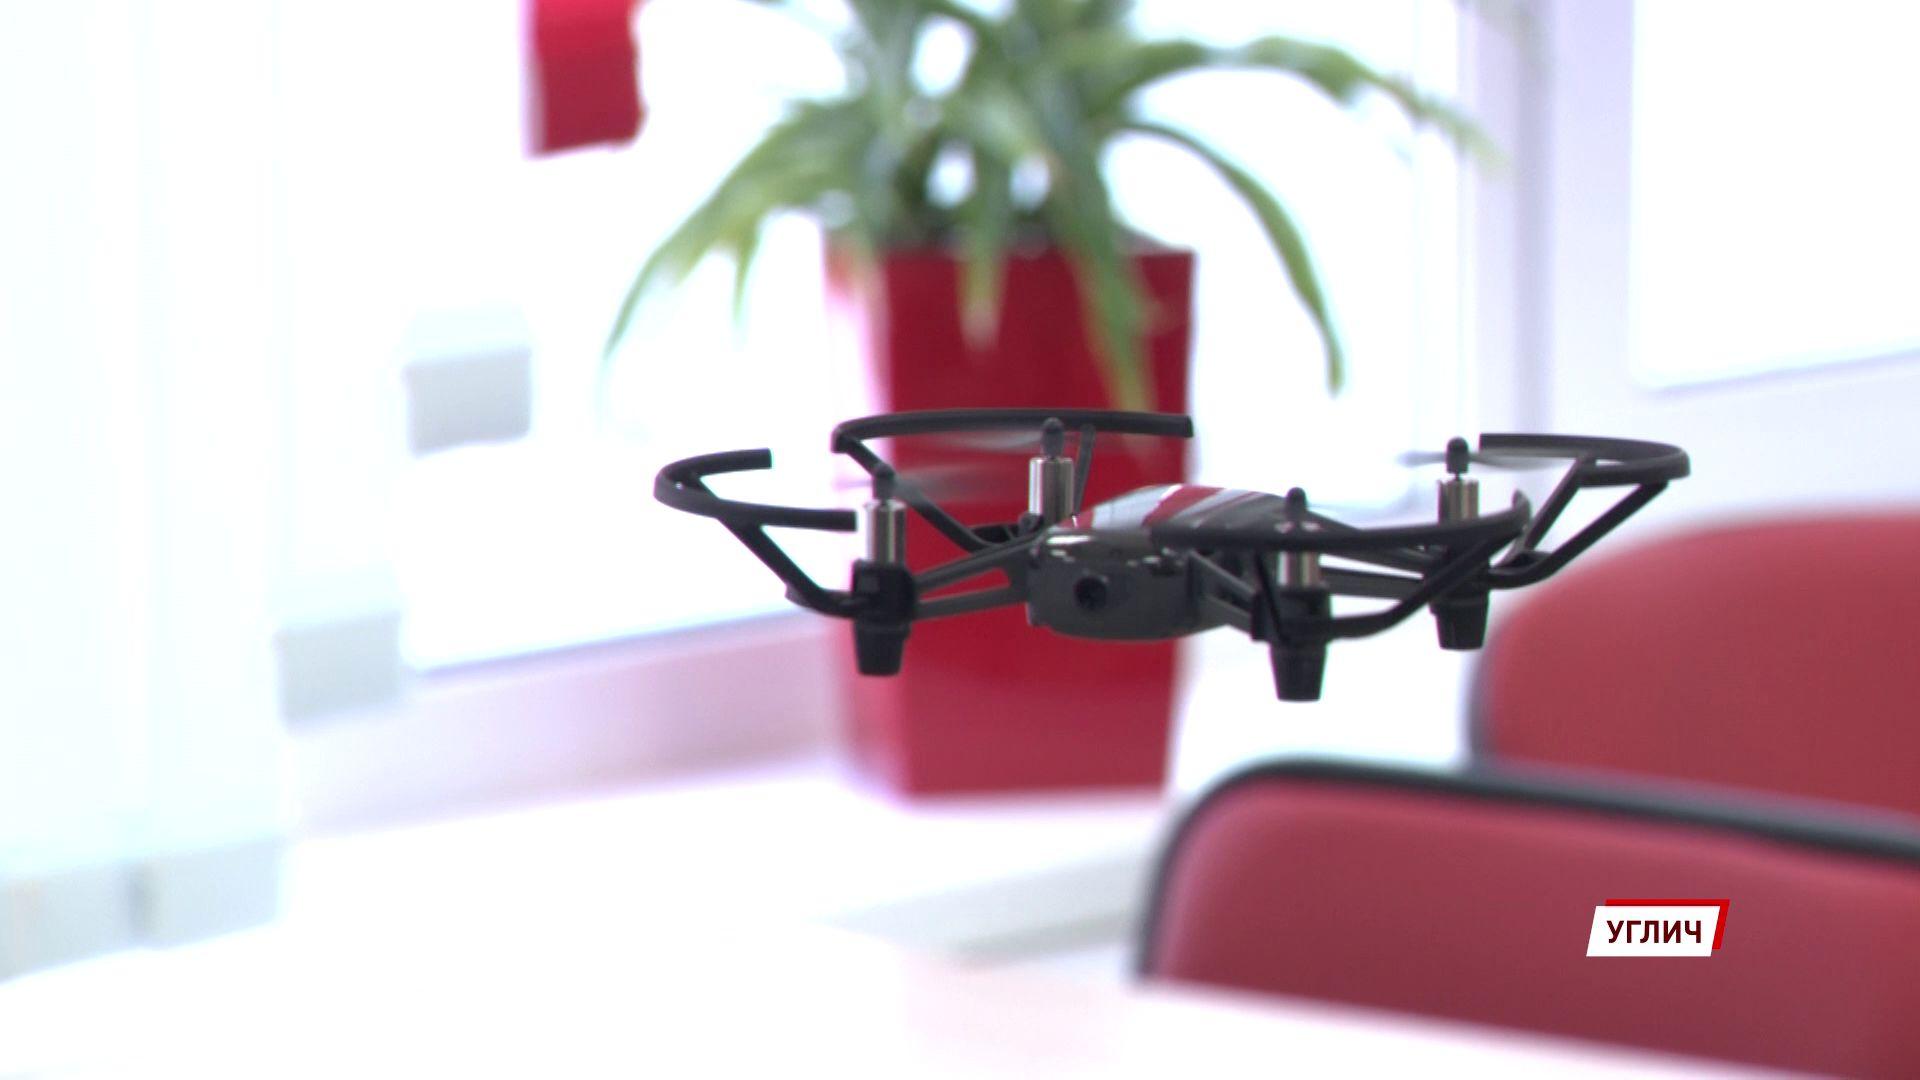 Компьютеры, дроны, VR-очки: угличская школа №8 получила современное оборудование